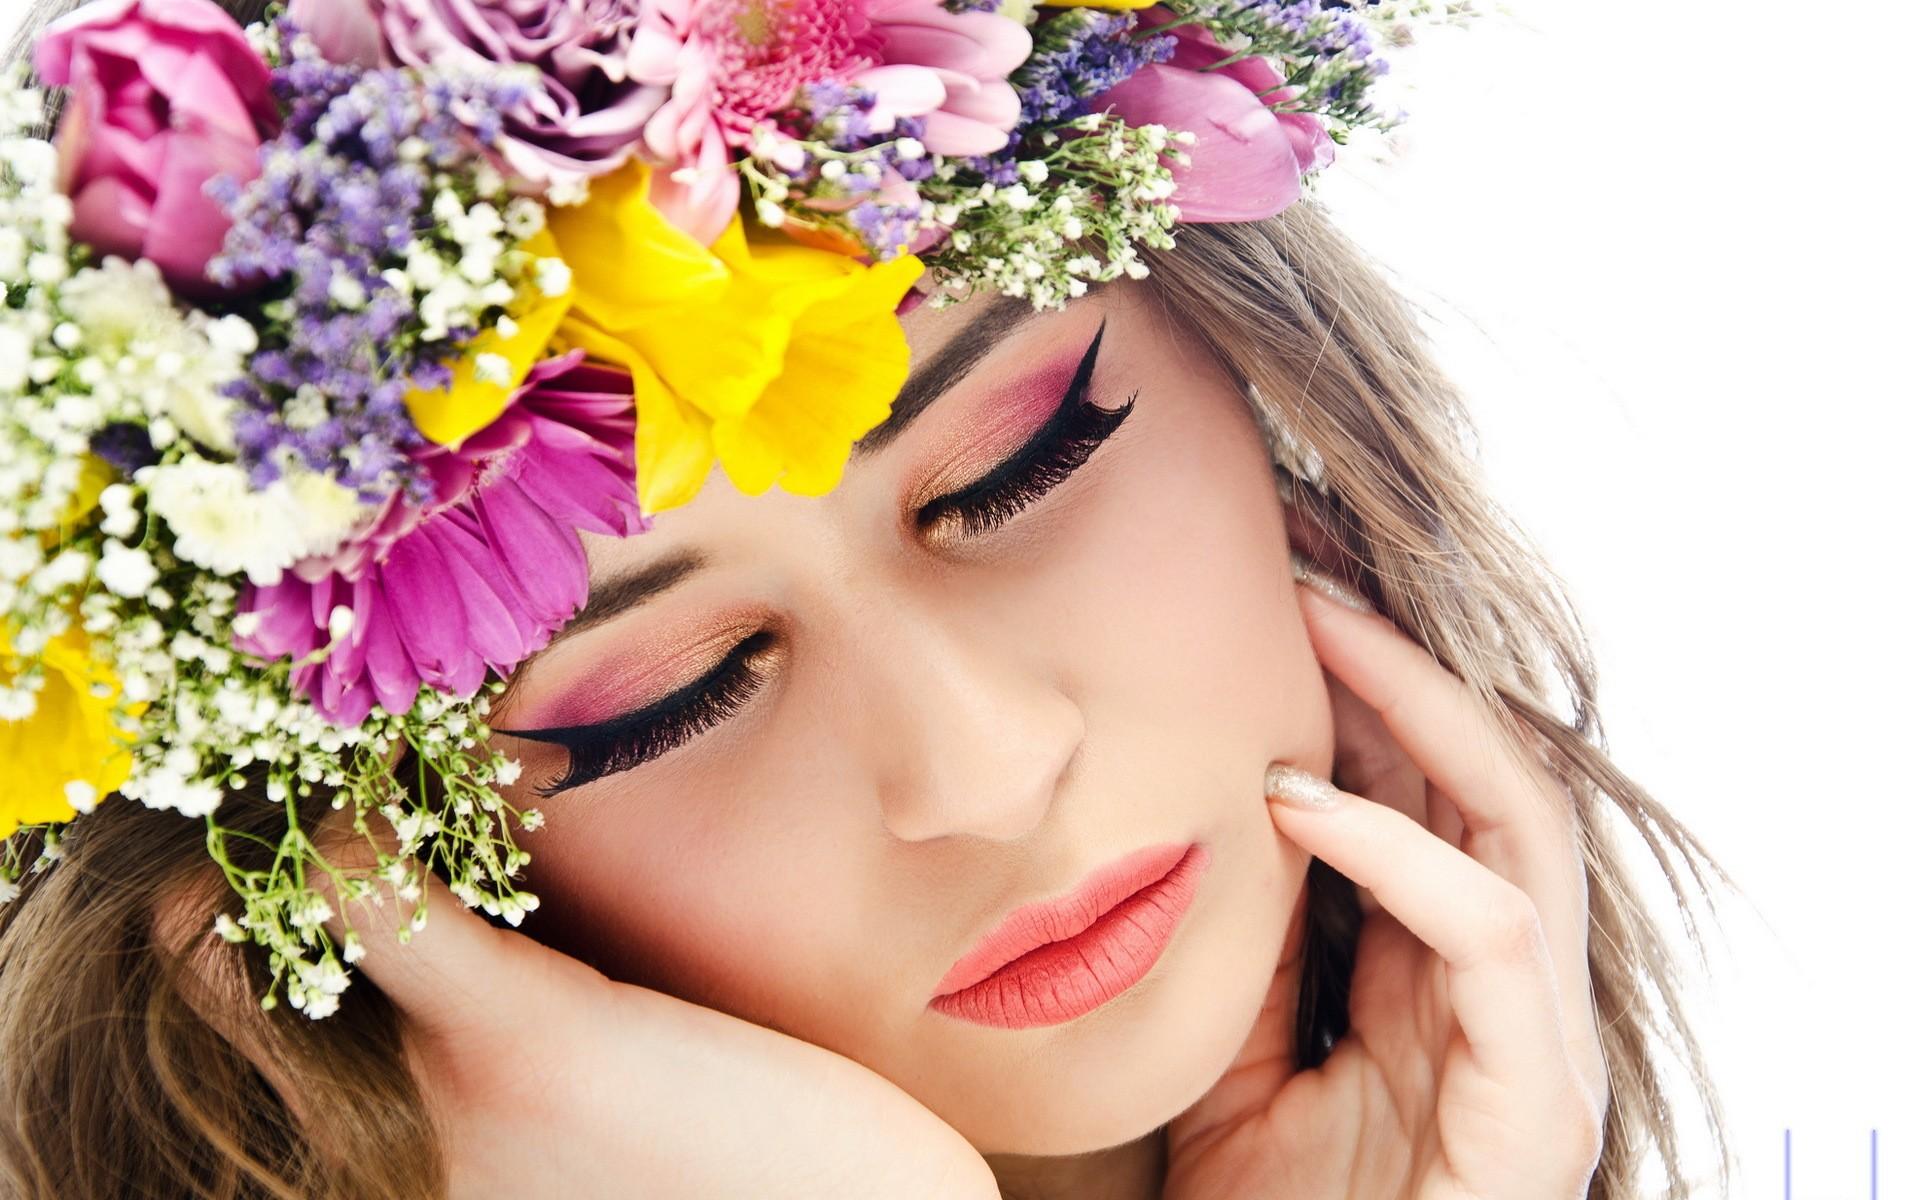 Una chica y corona de flores - 1920x1200